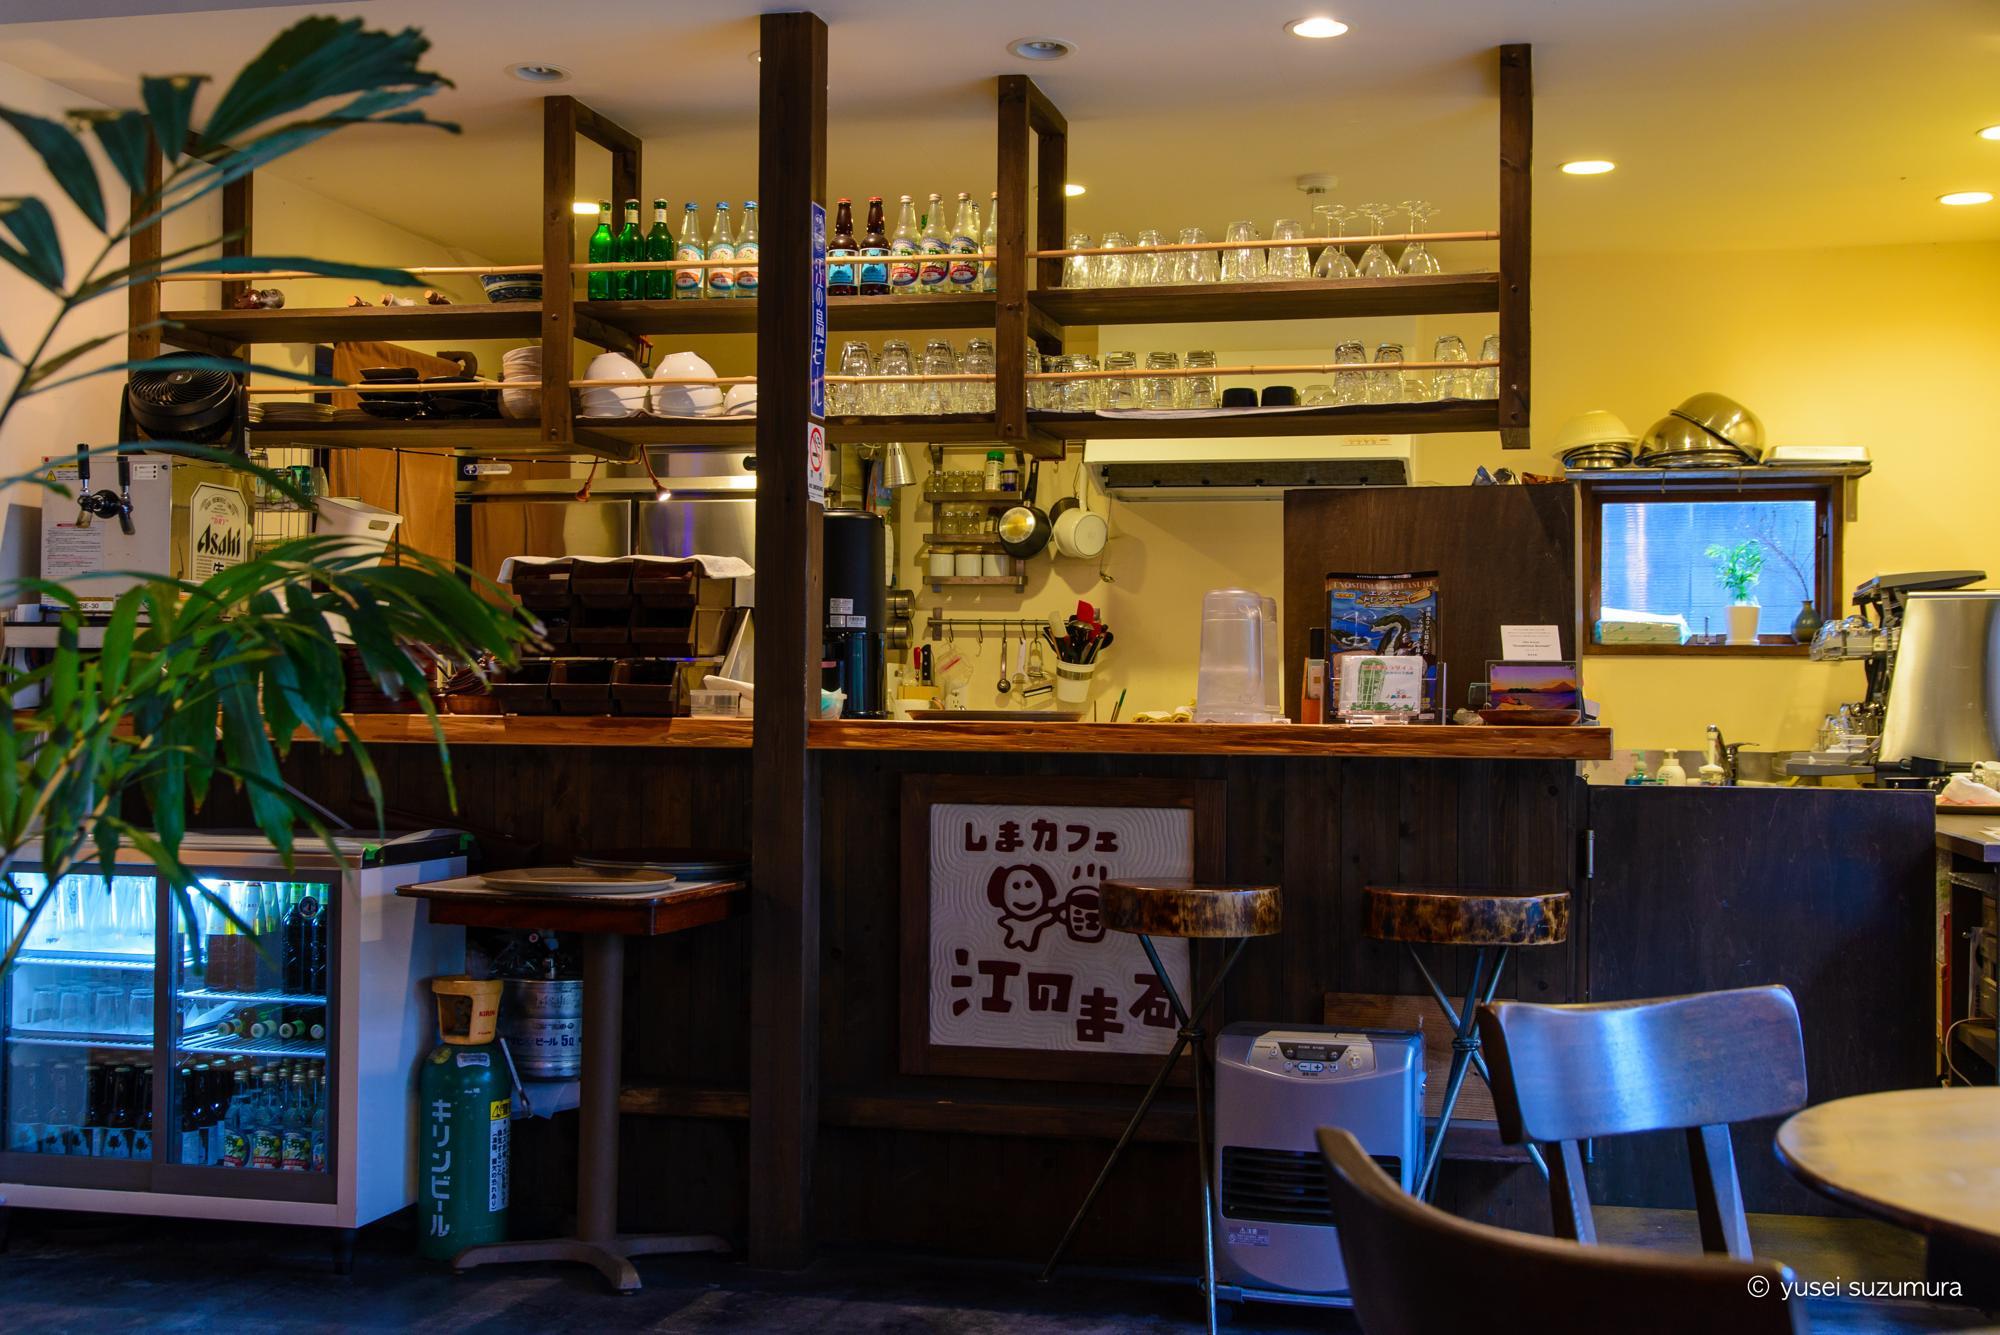 江ノ島 店内 カフェ